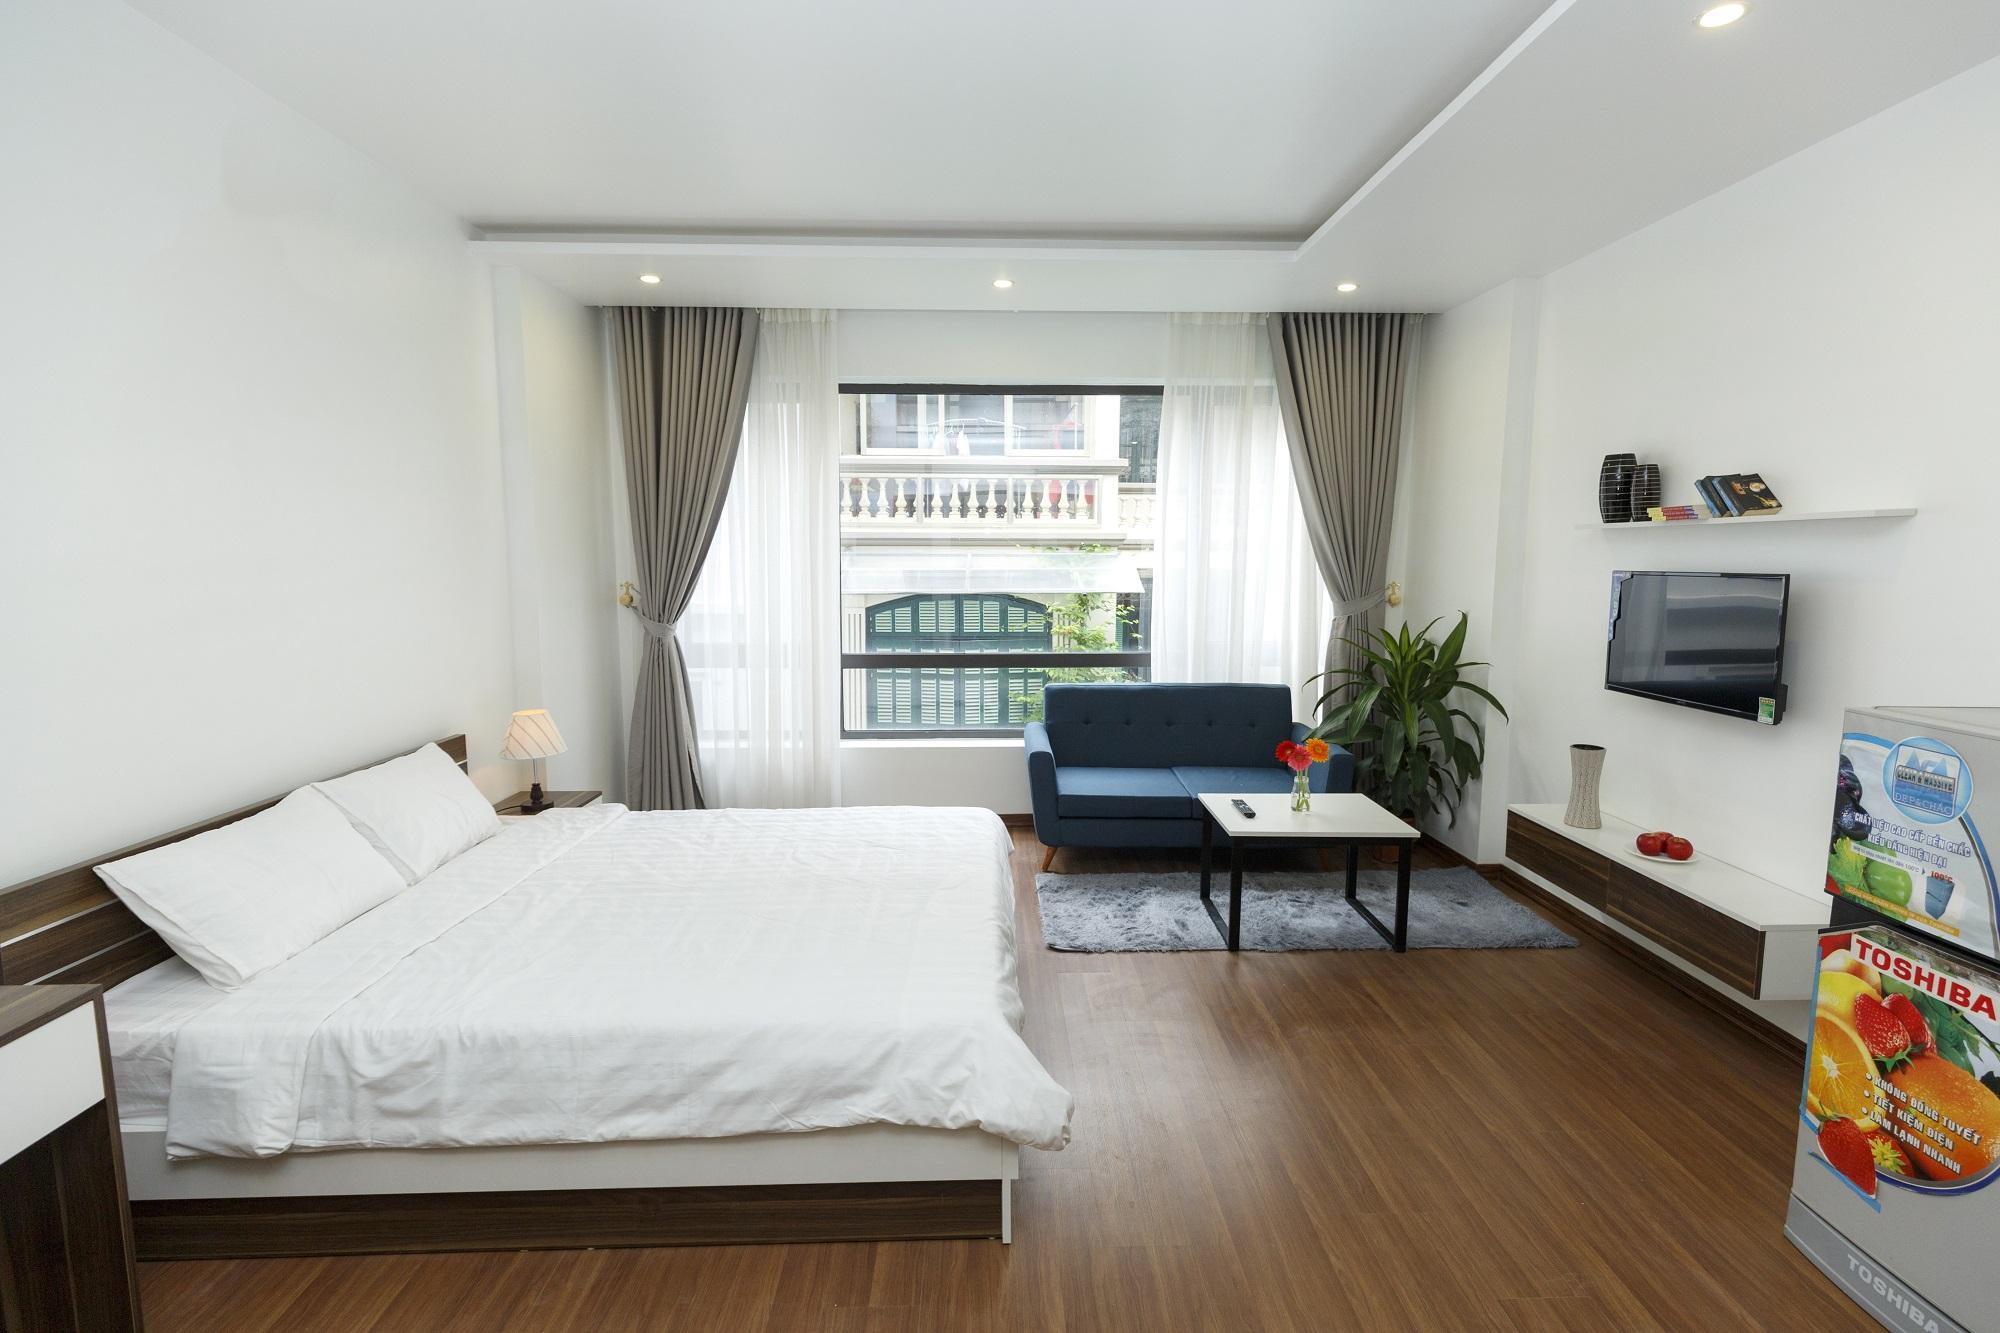 Studio Apartment in Cau Giay – Tran Quoc Hoan